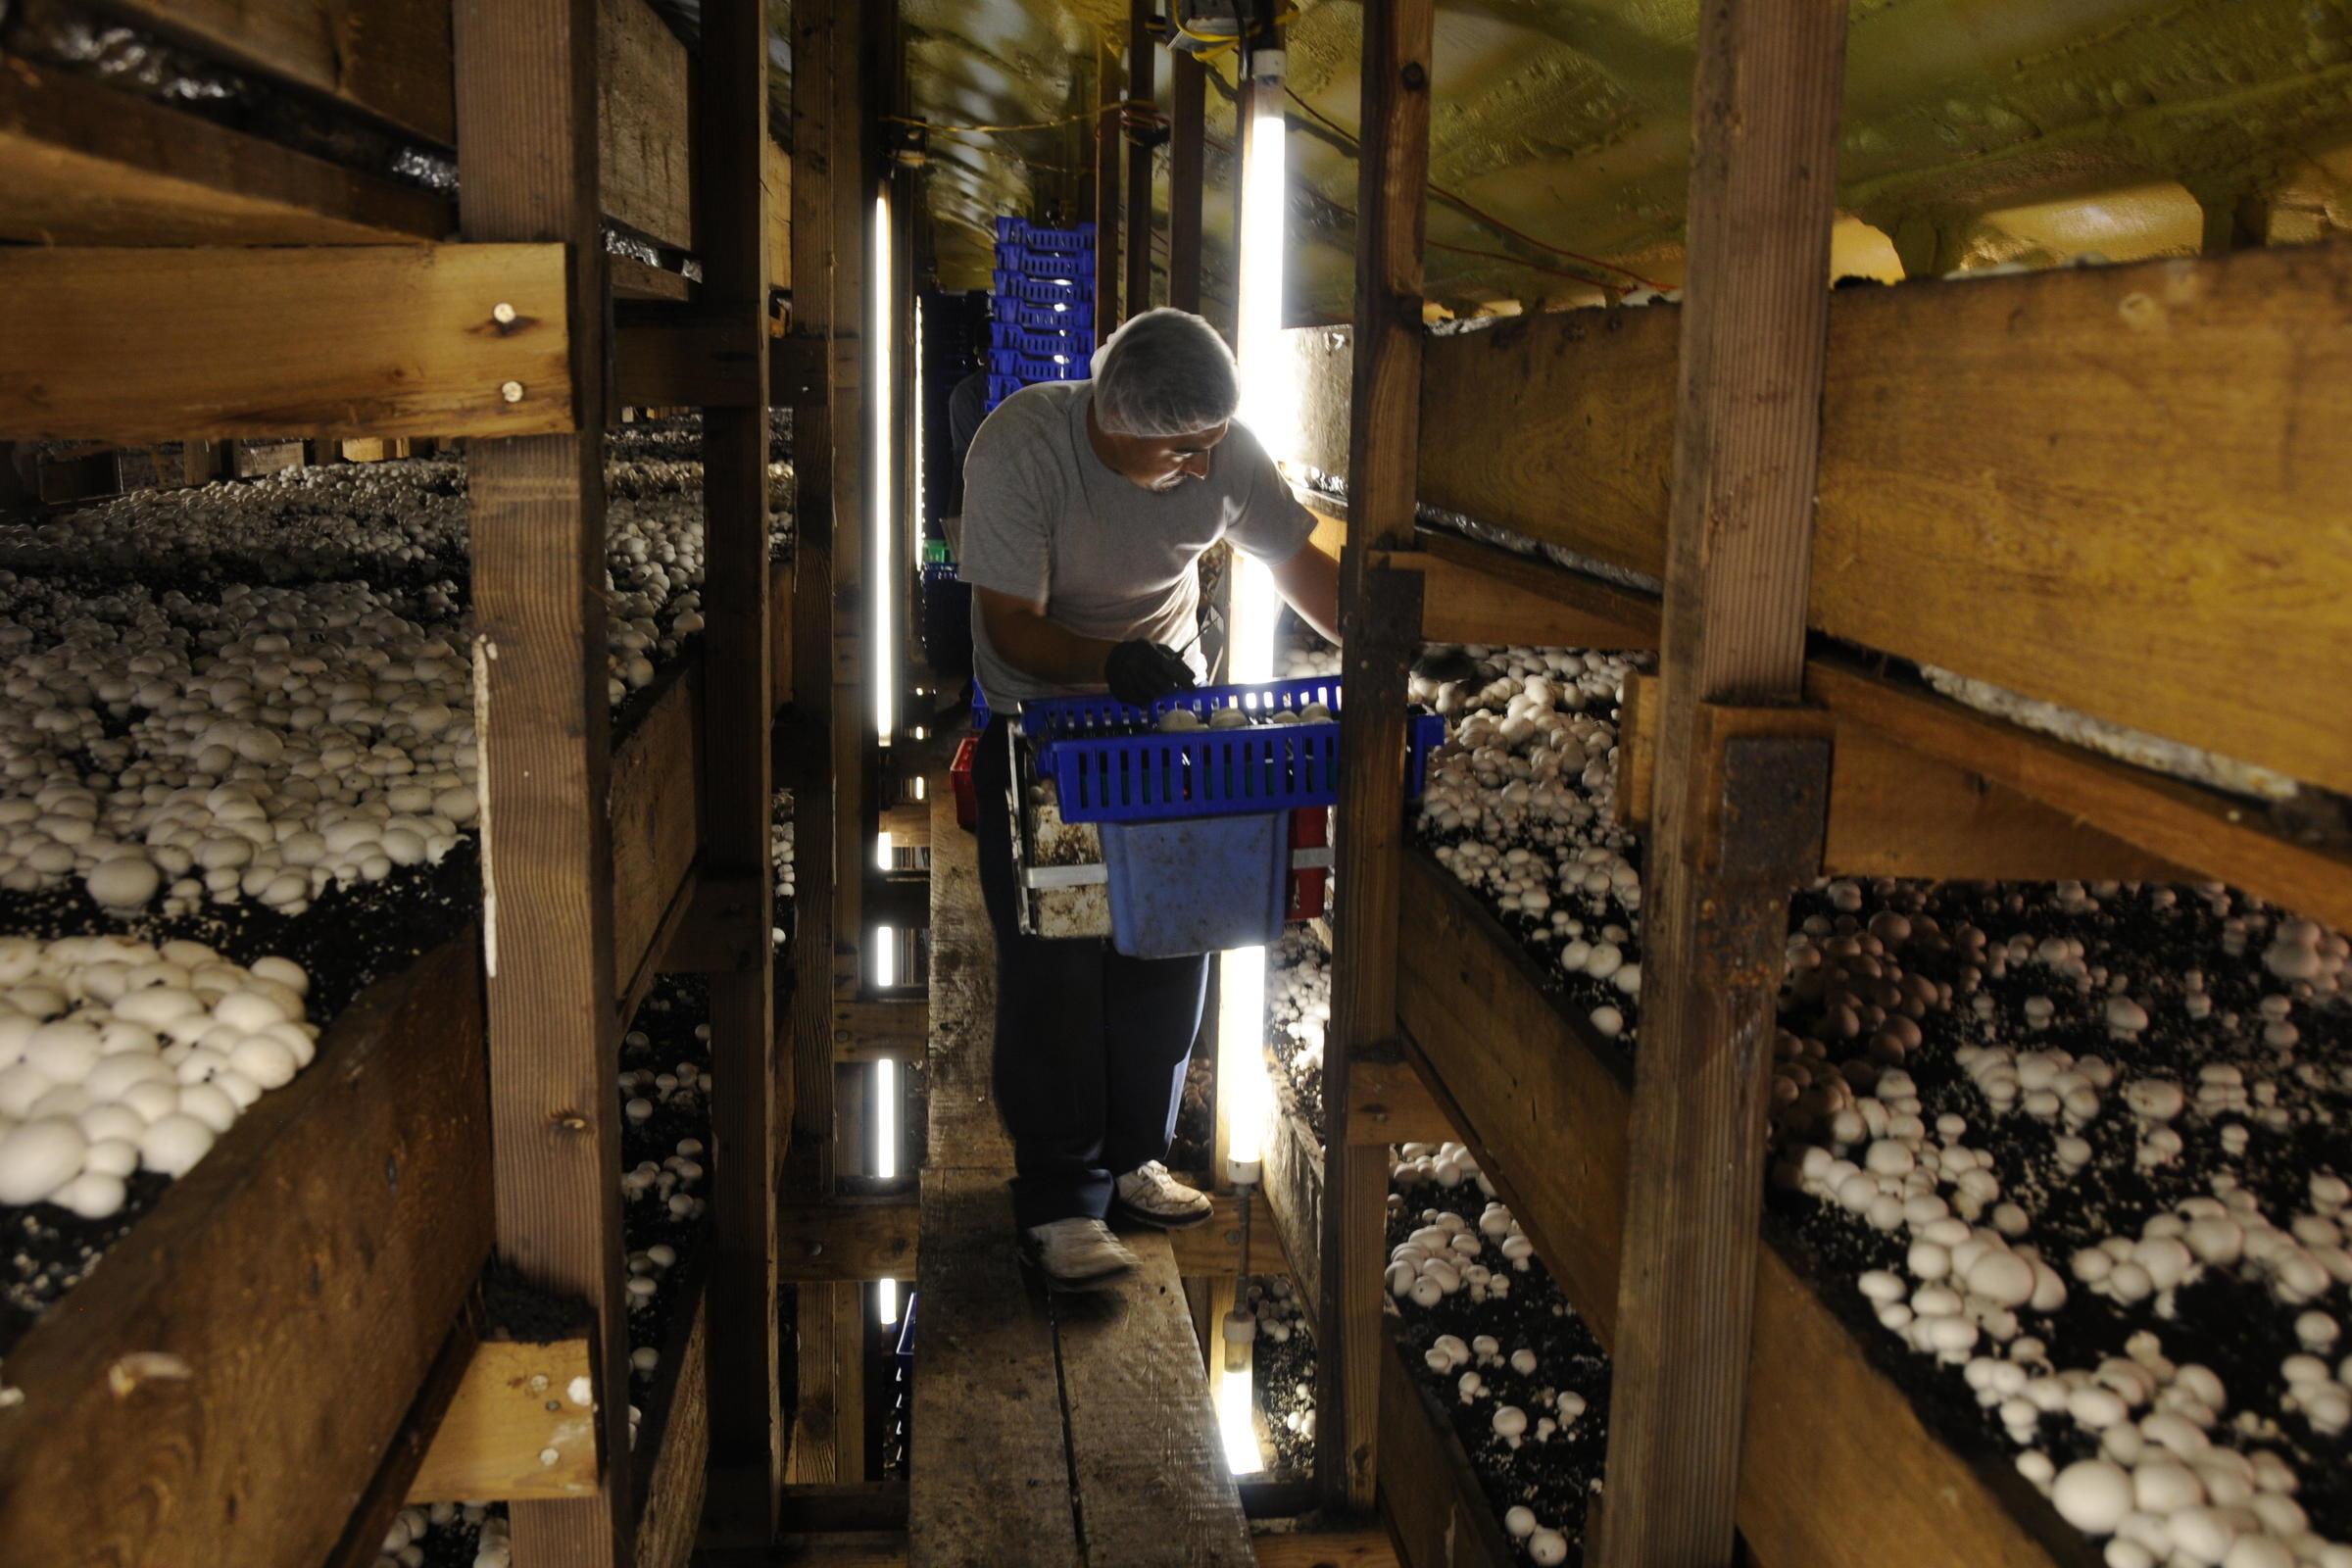 грибная ферма в подвале фото демонстрация того